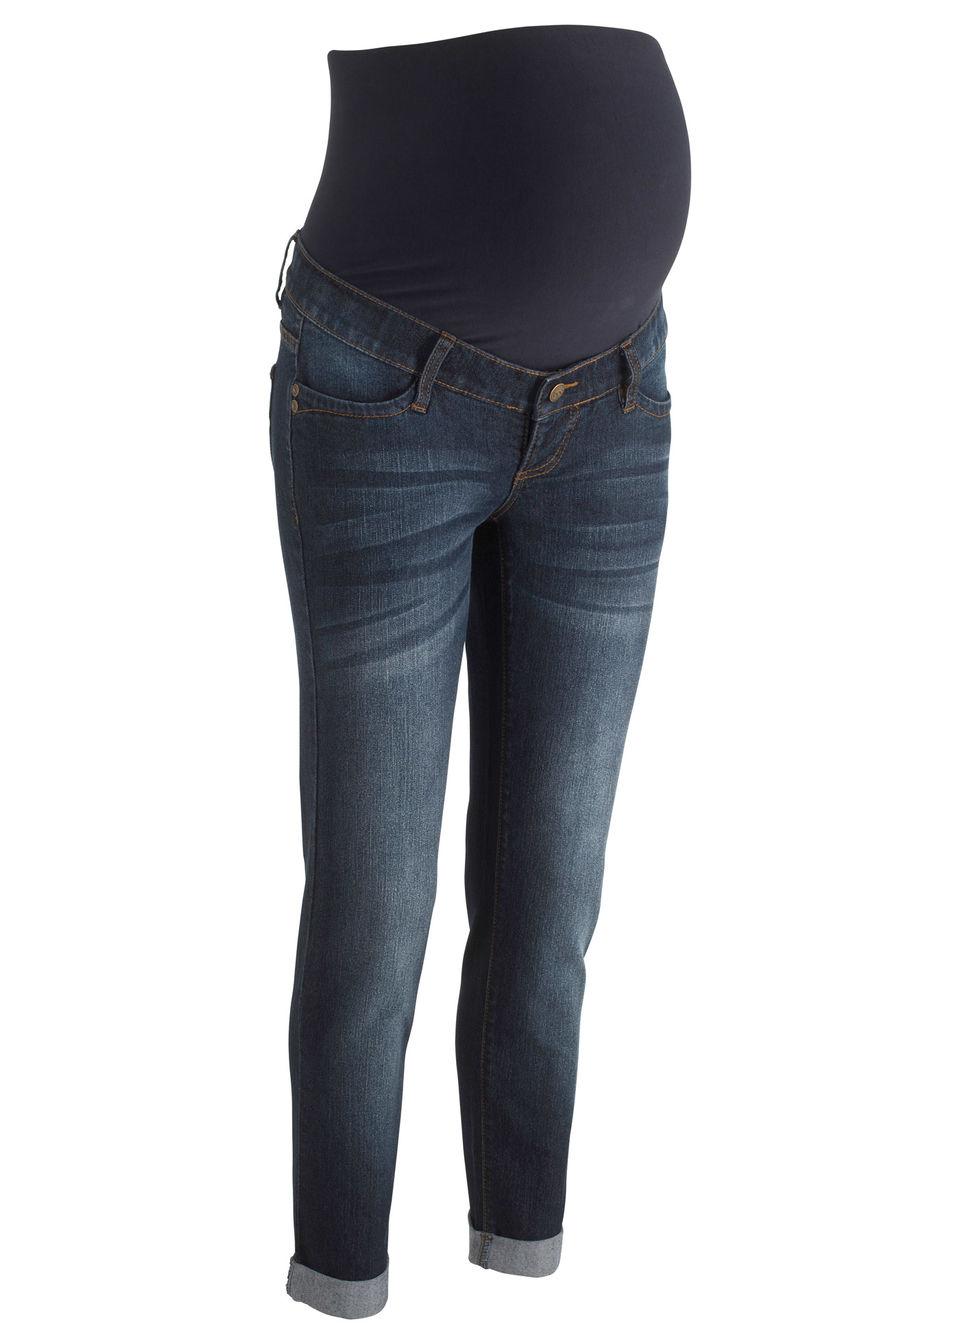 Jeans gravide, lungime 7/8 bonprix